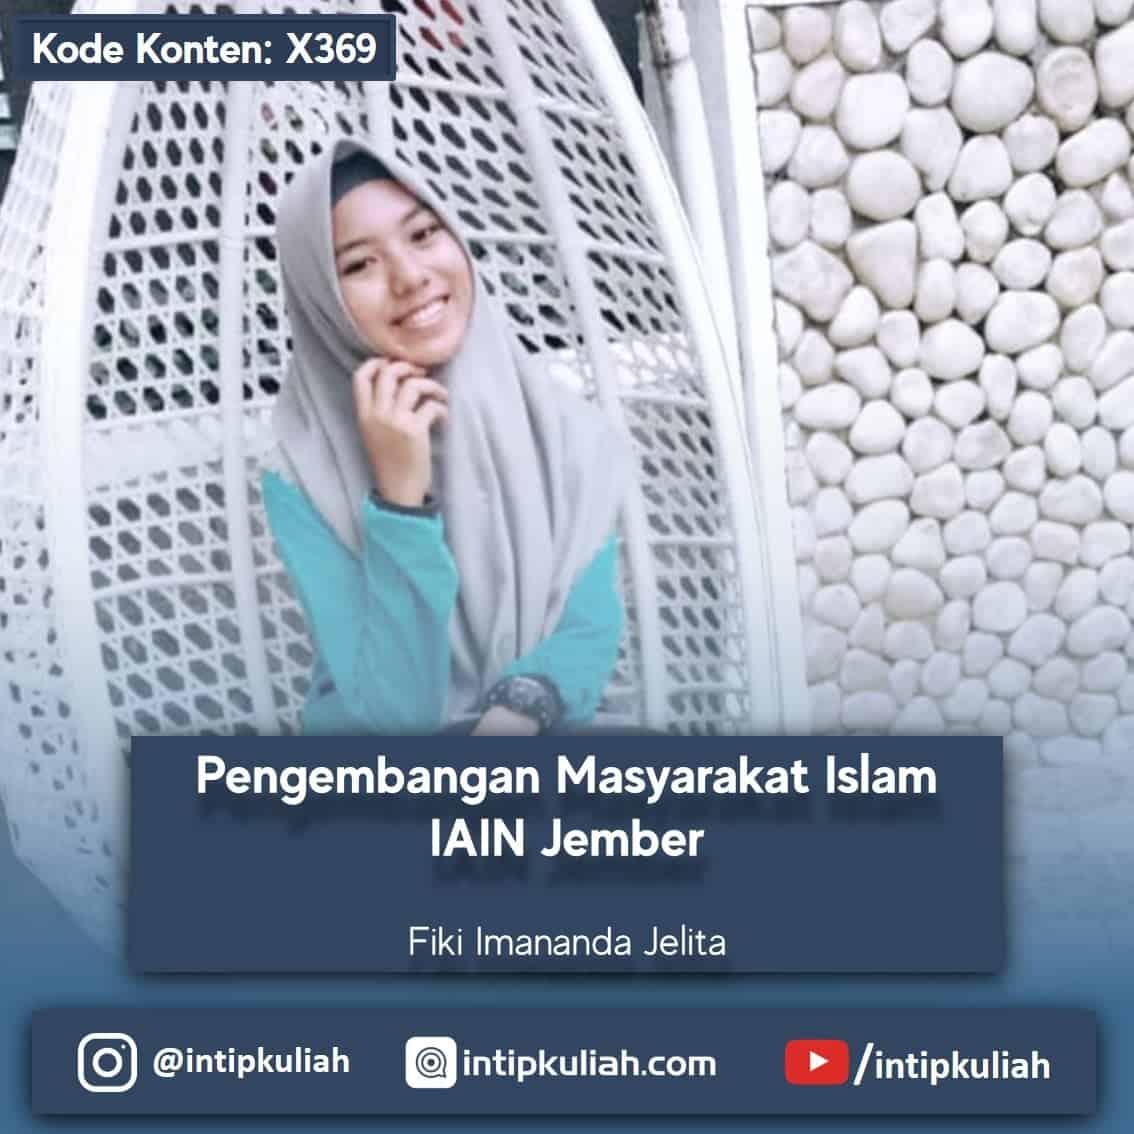 Pengembangan Masyarakat Islam IAIN Jember (Fiki)